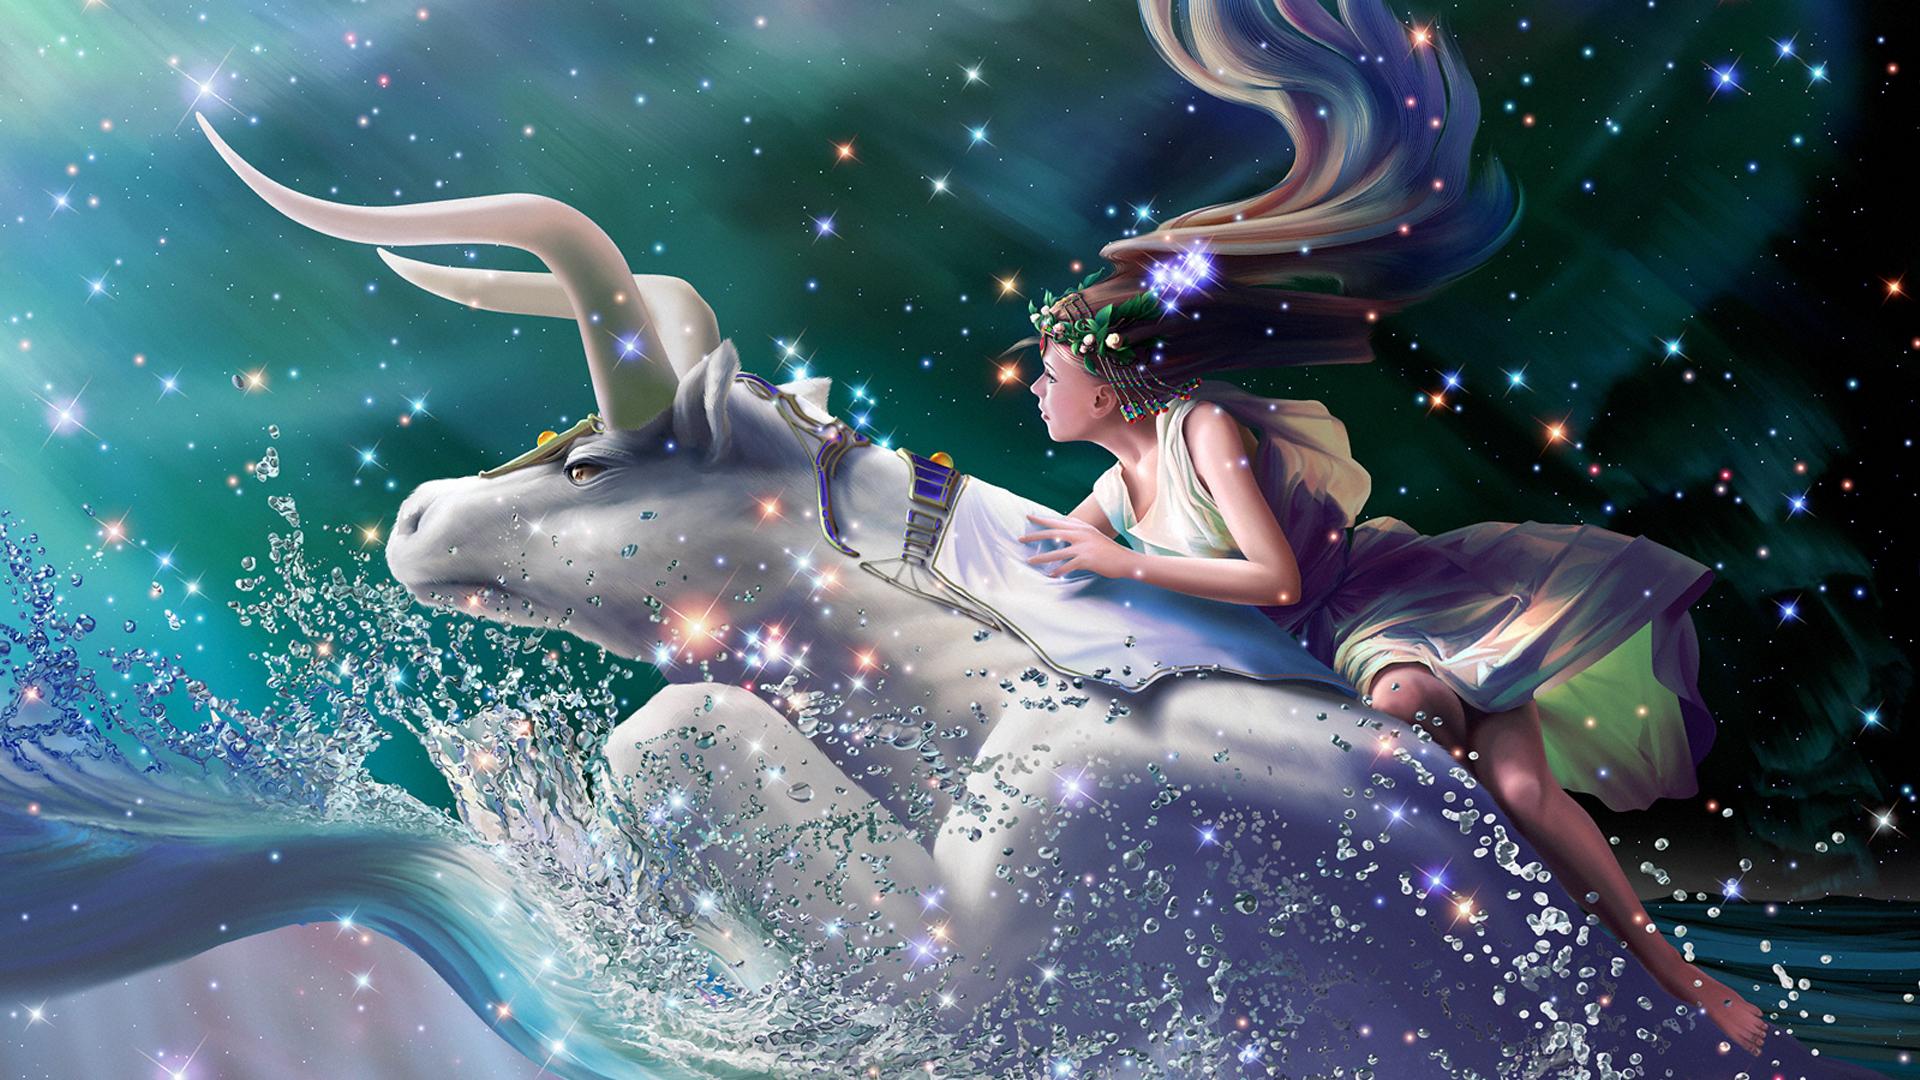 上一页:十二星座唯美意境图之巨蟹座ppt背景图片 下一页:返回列表